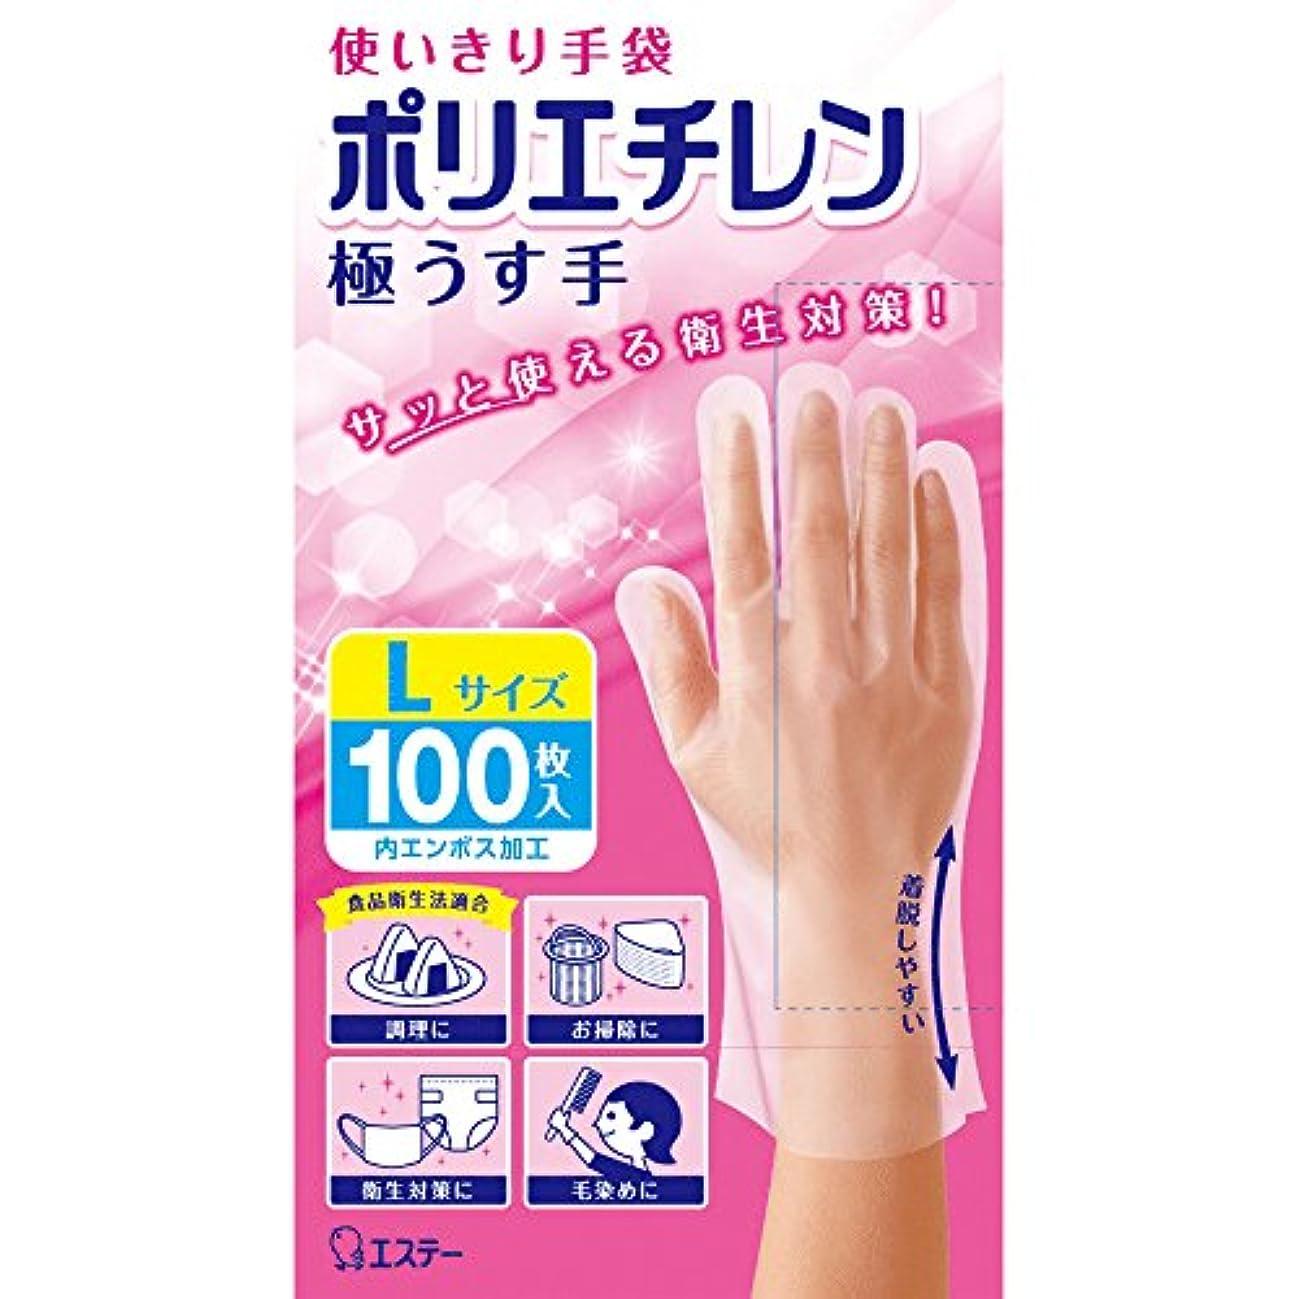 もつれプレビスサイト面積使いきり手袋 ポリエチレン 極うす手 Lサイズ 半透明 100枚